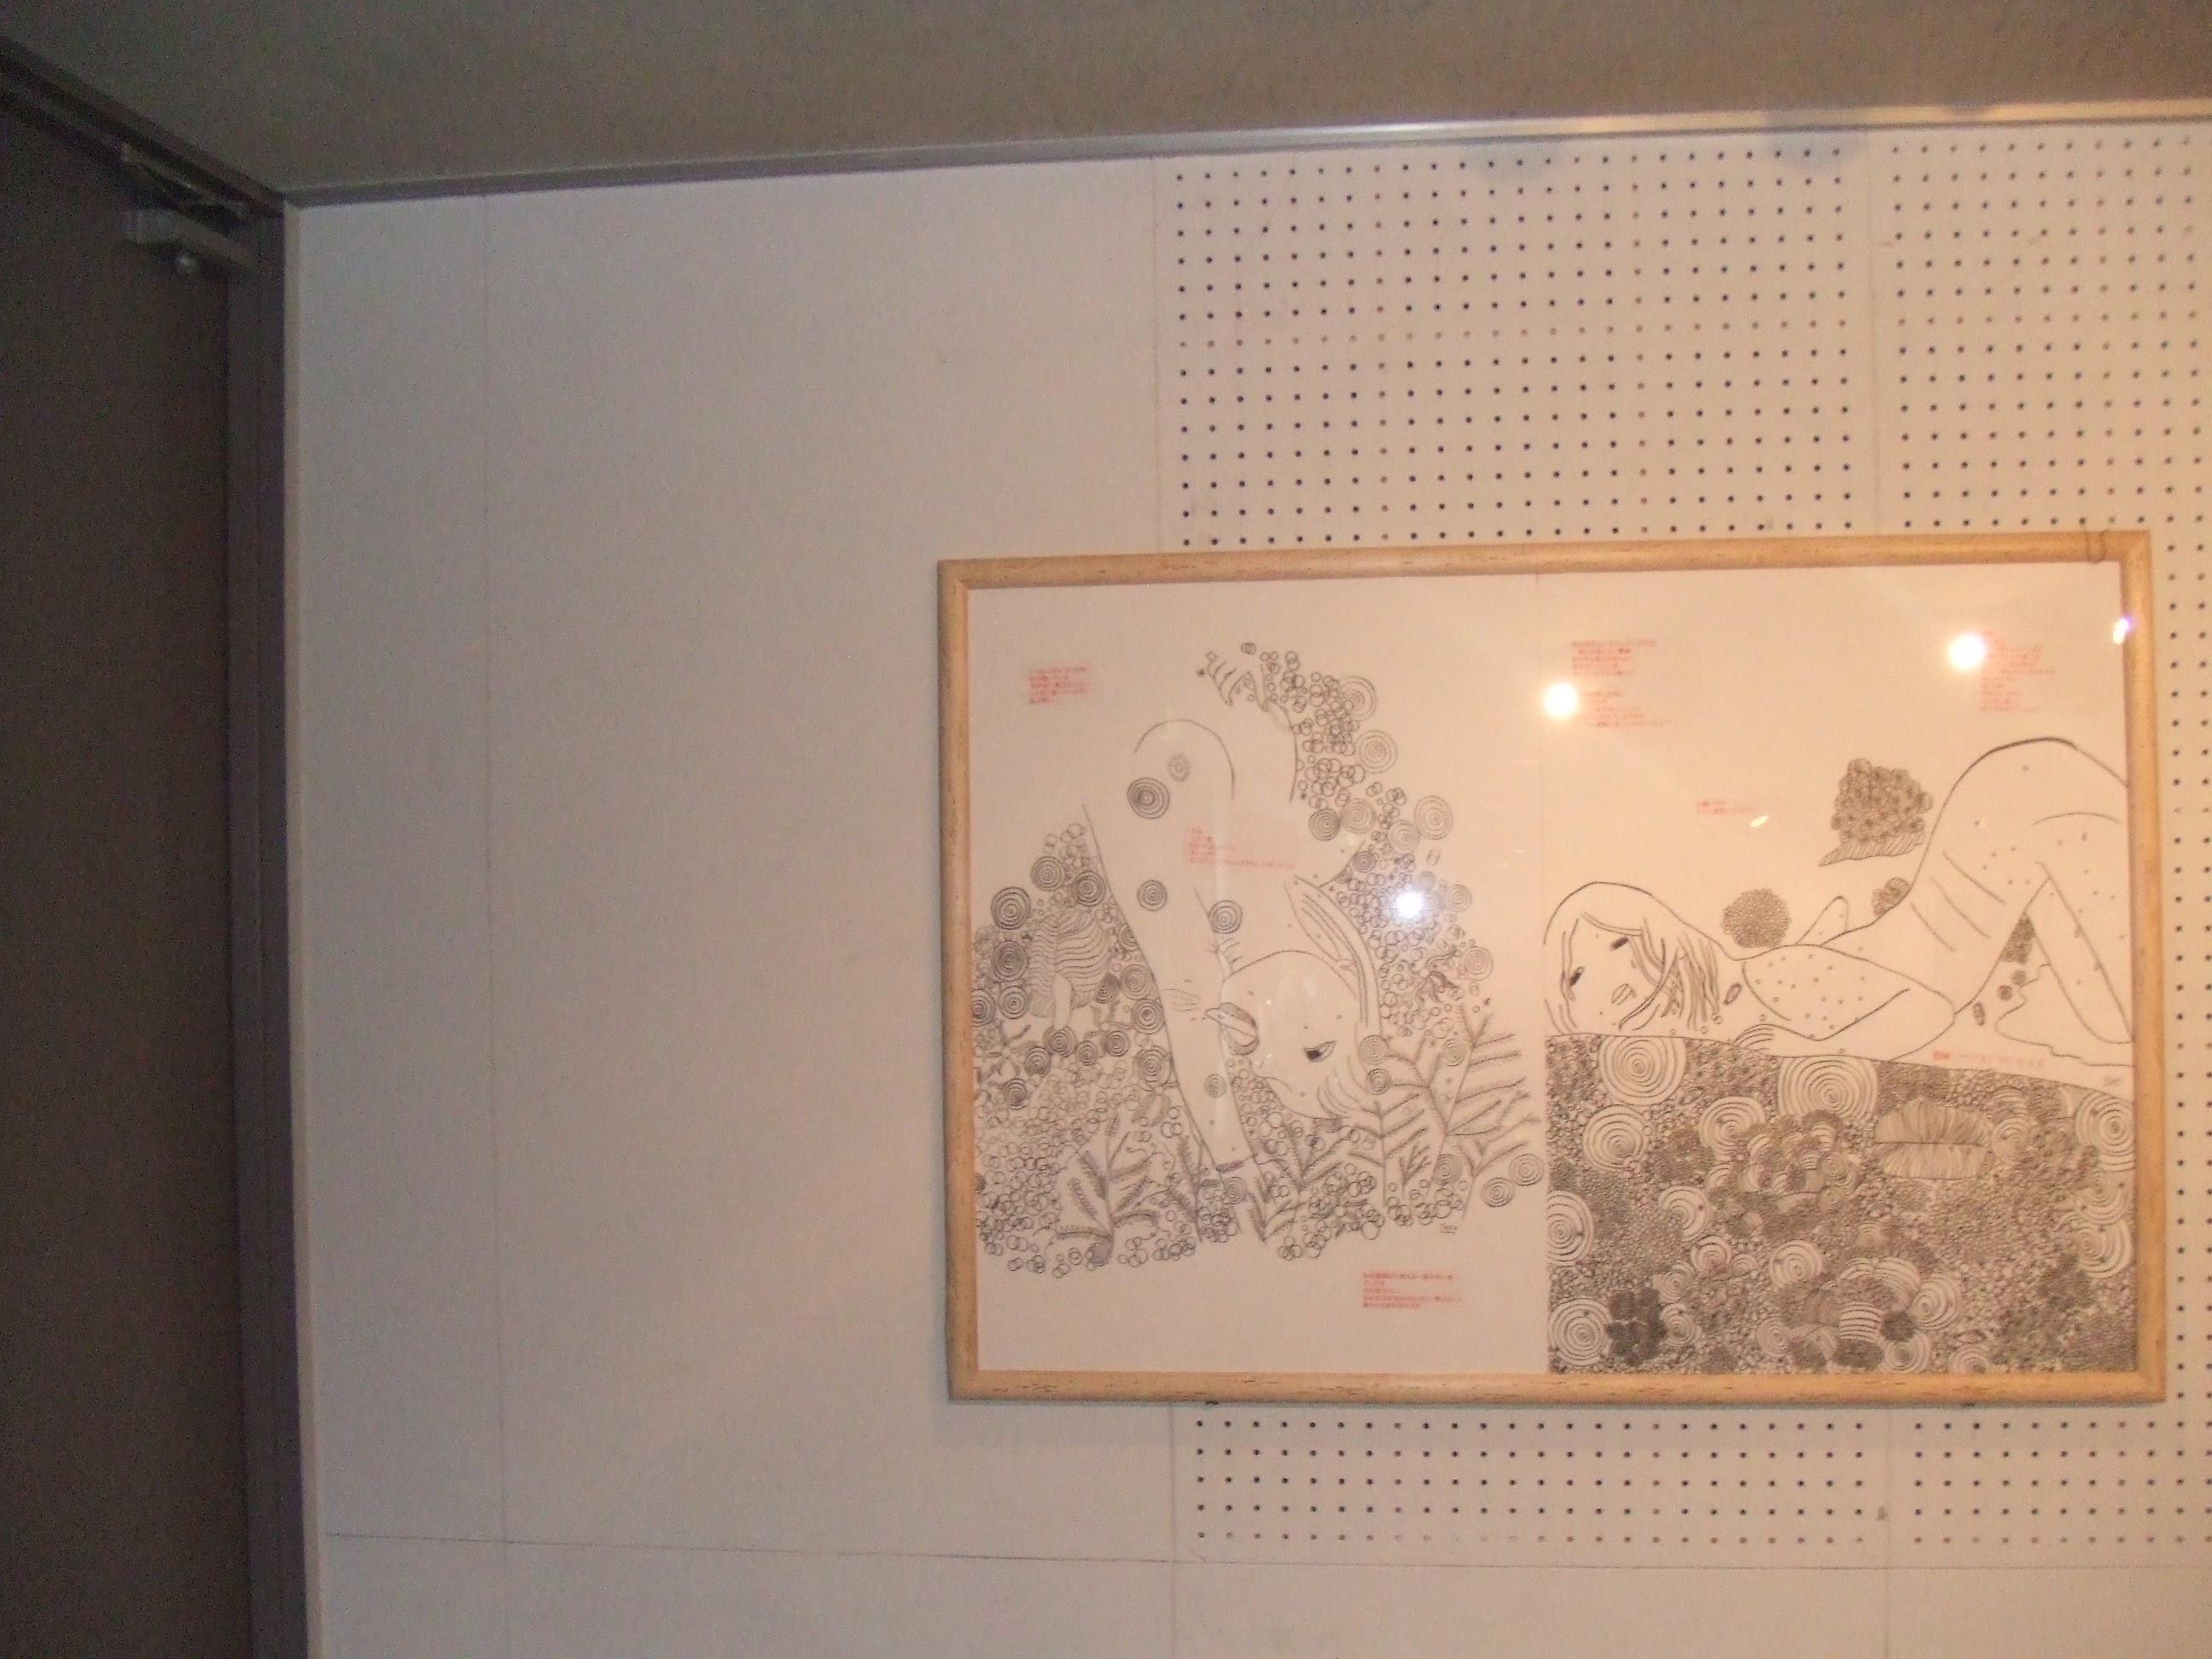 魍魎 (すだま) のいる3月 - 伊藤 洋子の美術。6 連作 のうち 2 作 を、[霜月] と改題して [NAU 2007/09] に出品。